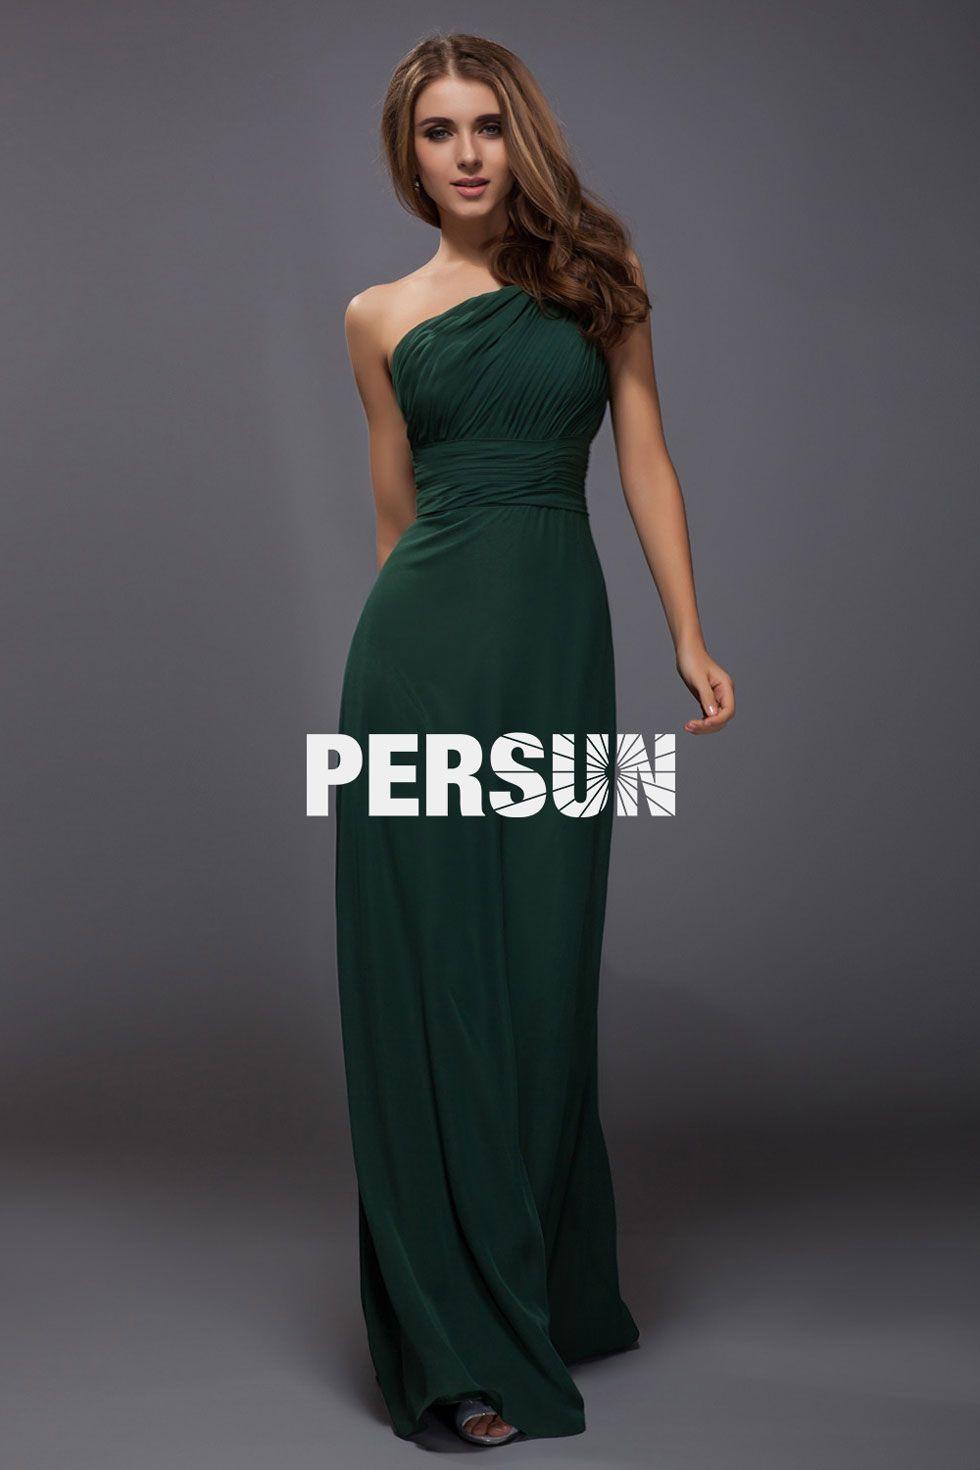 15 Wunderbar Abendkleid In Grün für 201917 Ausgezeichnet Abendkleid In Grün für 2019